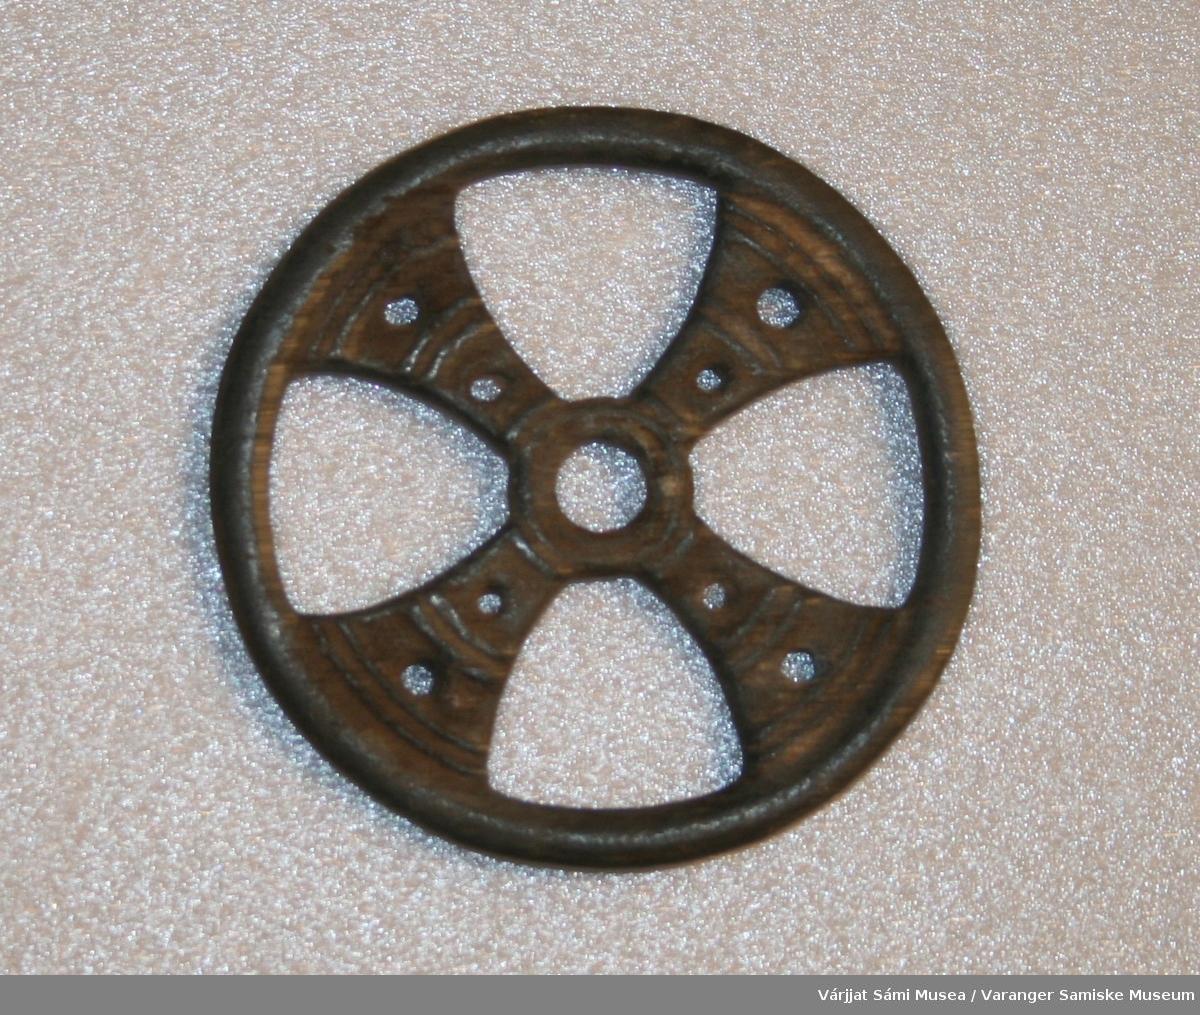 """Rundt belteanheng av grått metall. sannsynligvis tinn/bly. Ser ut som et hjul delt opp i fire """"rom""""."""